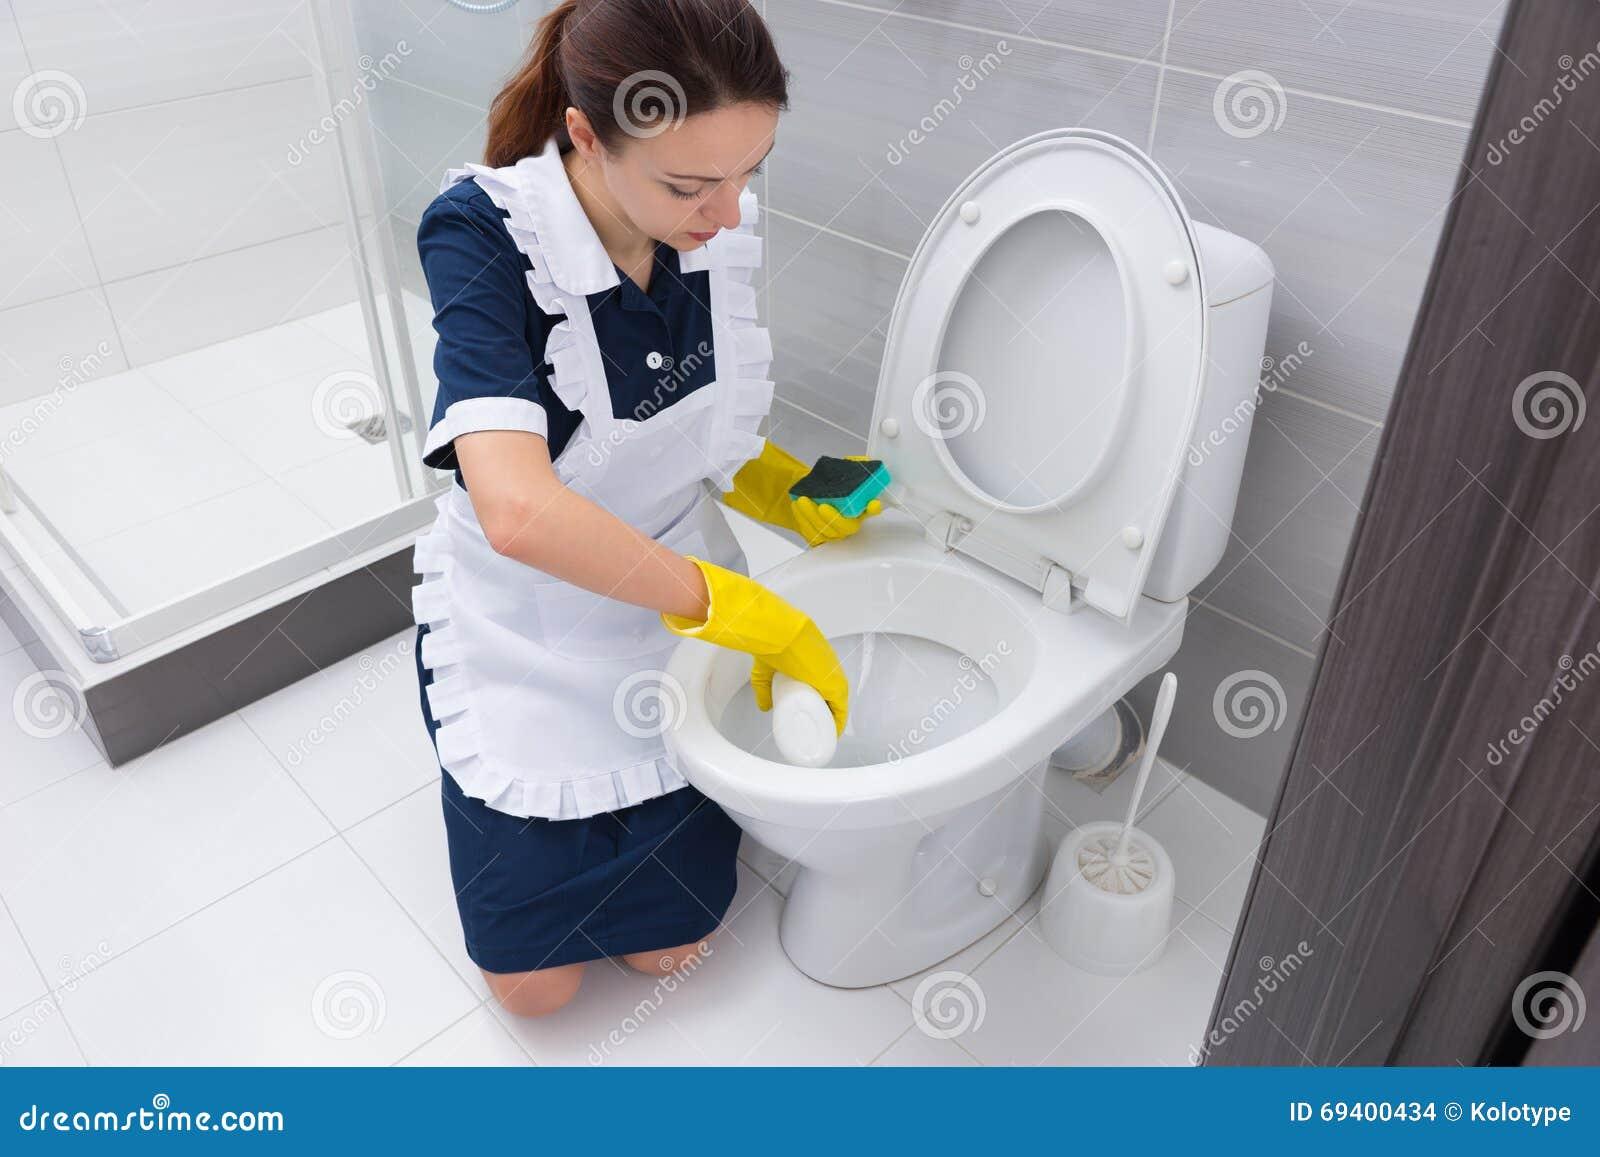 Hushållerska som skurar ner toalett i badrum arkivfoto   bild ...